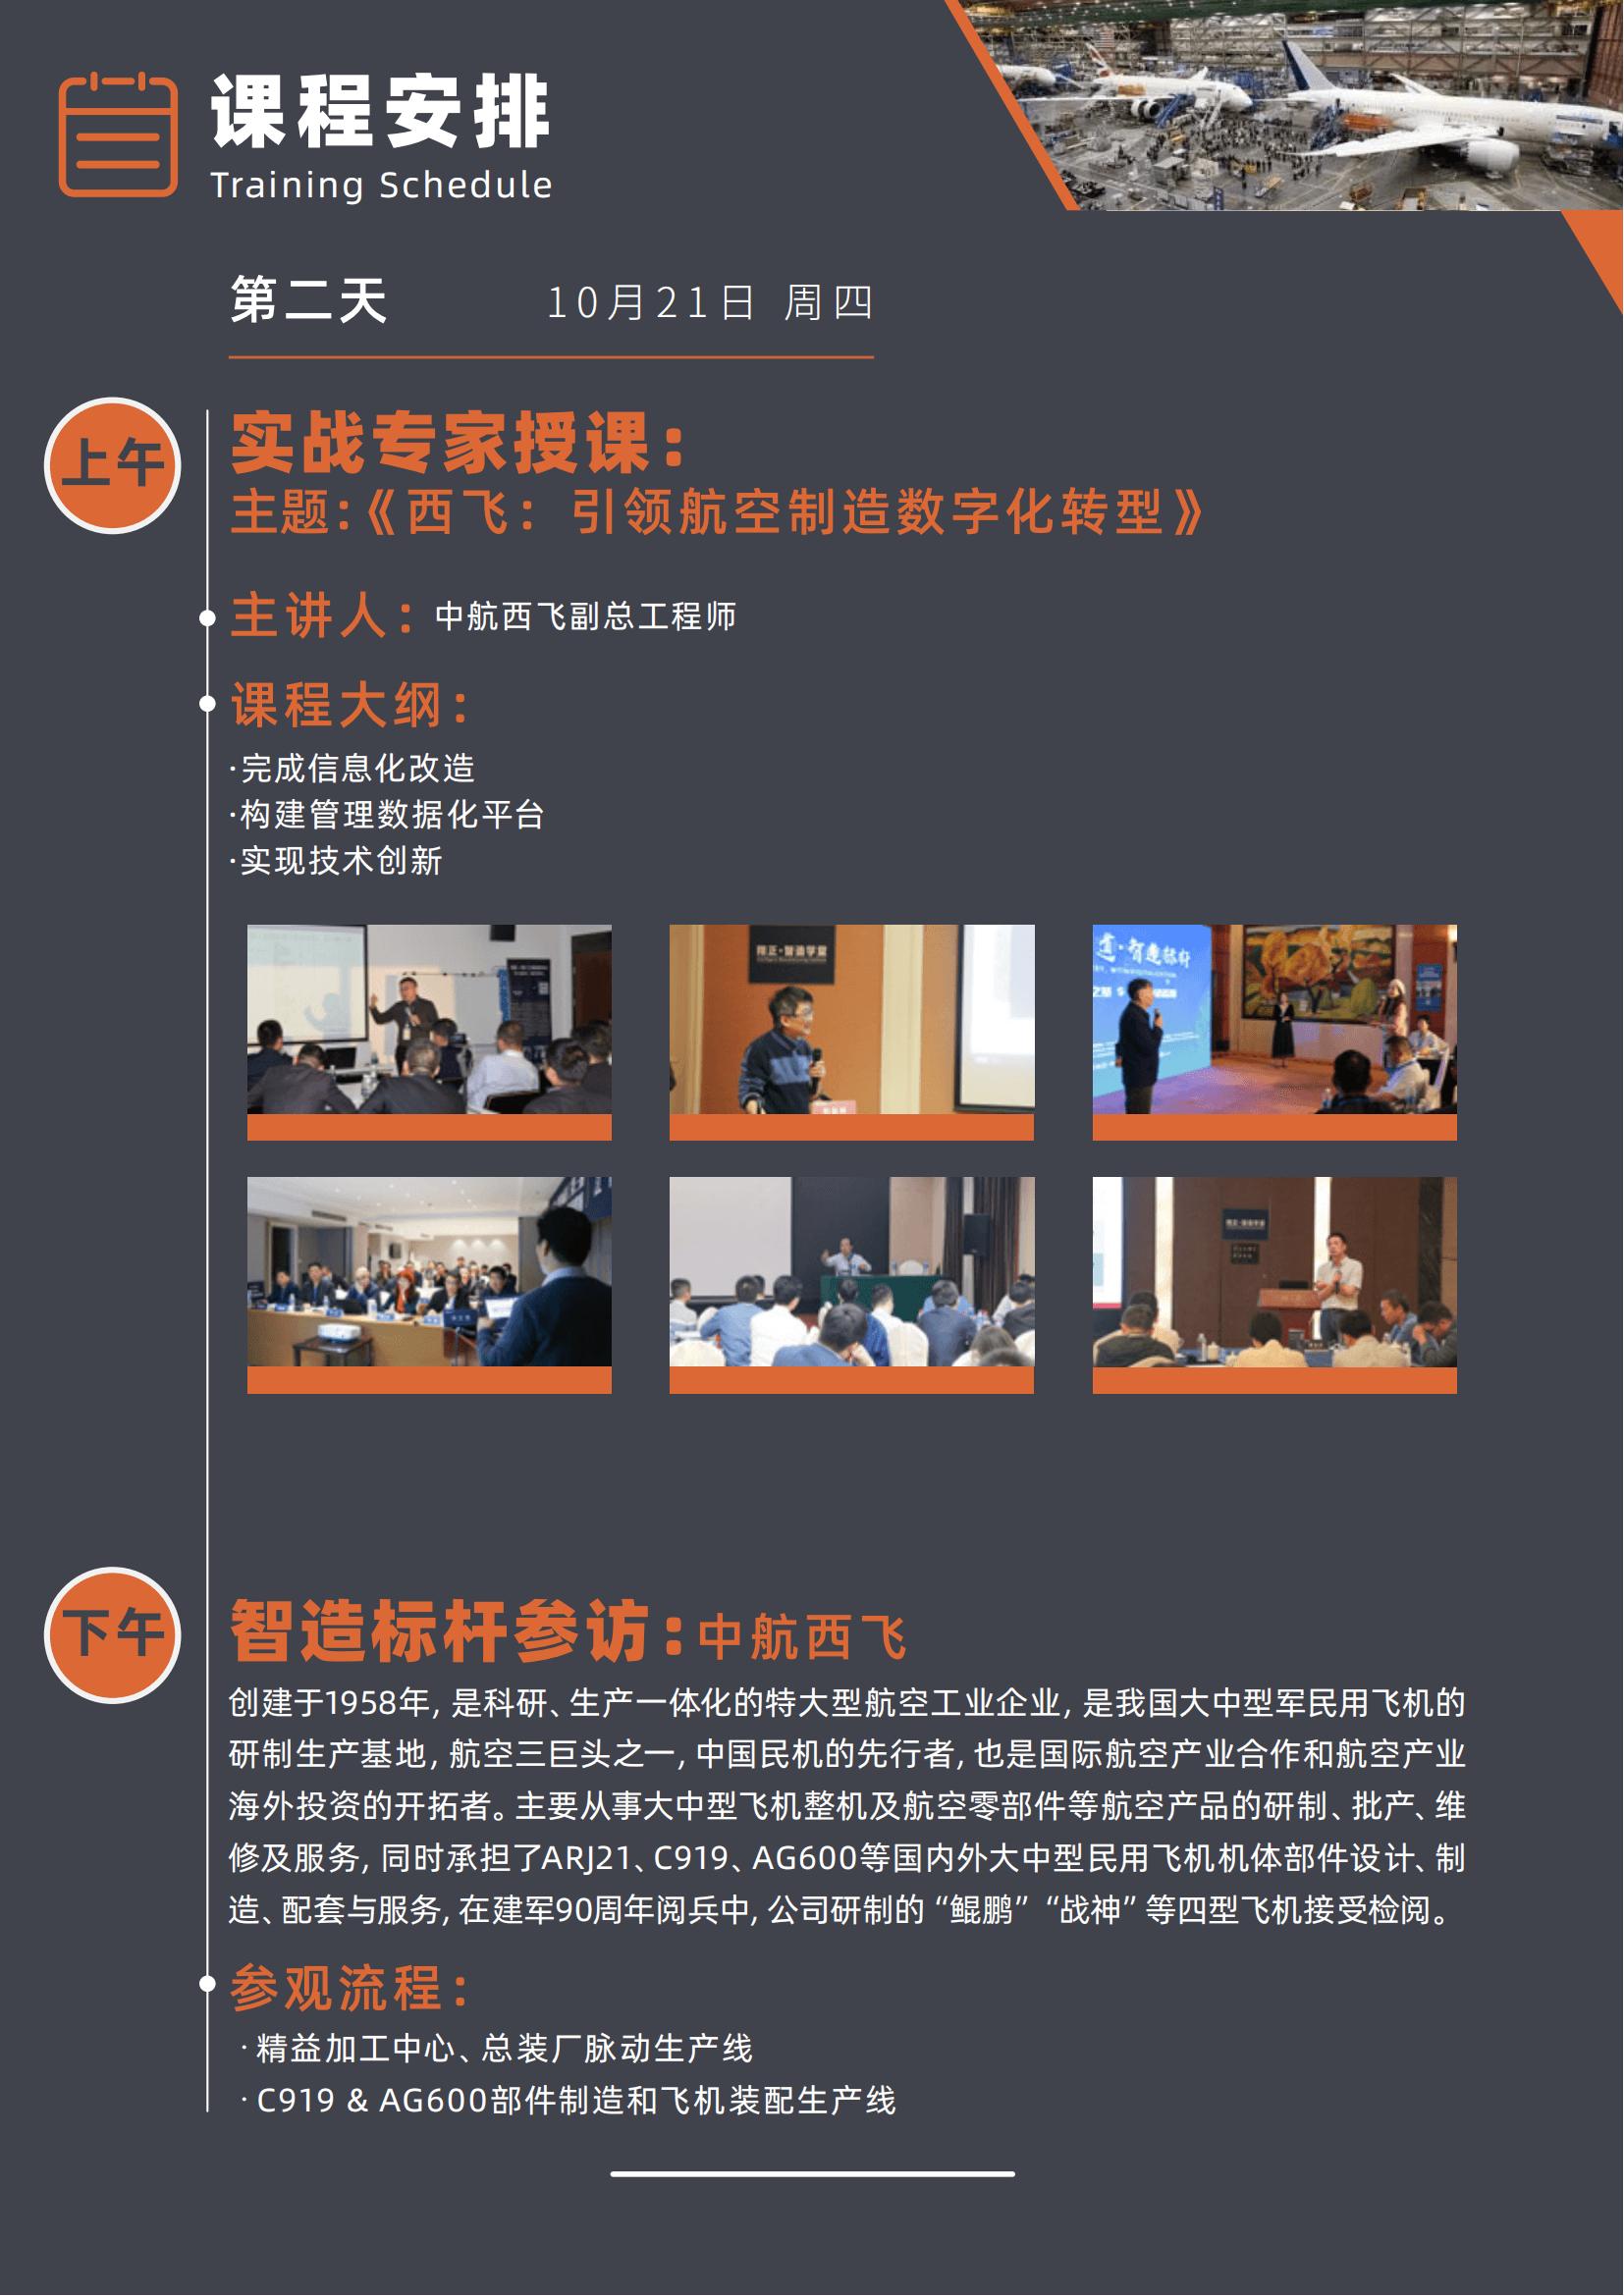 工业互联网与数字化转型研修班 第10期 10月西安